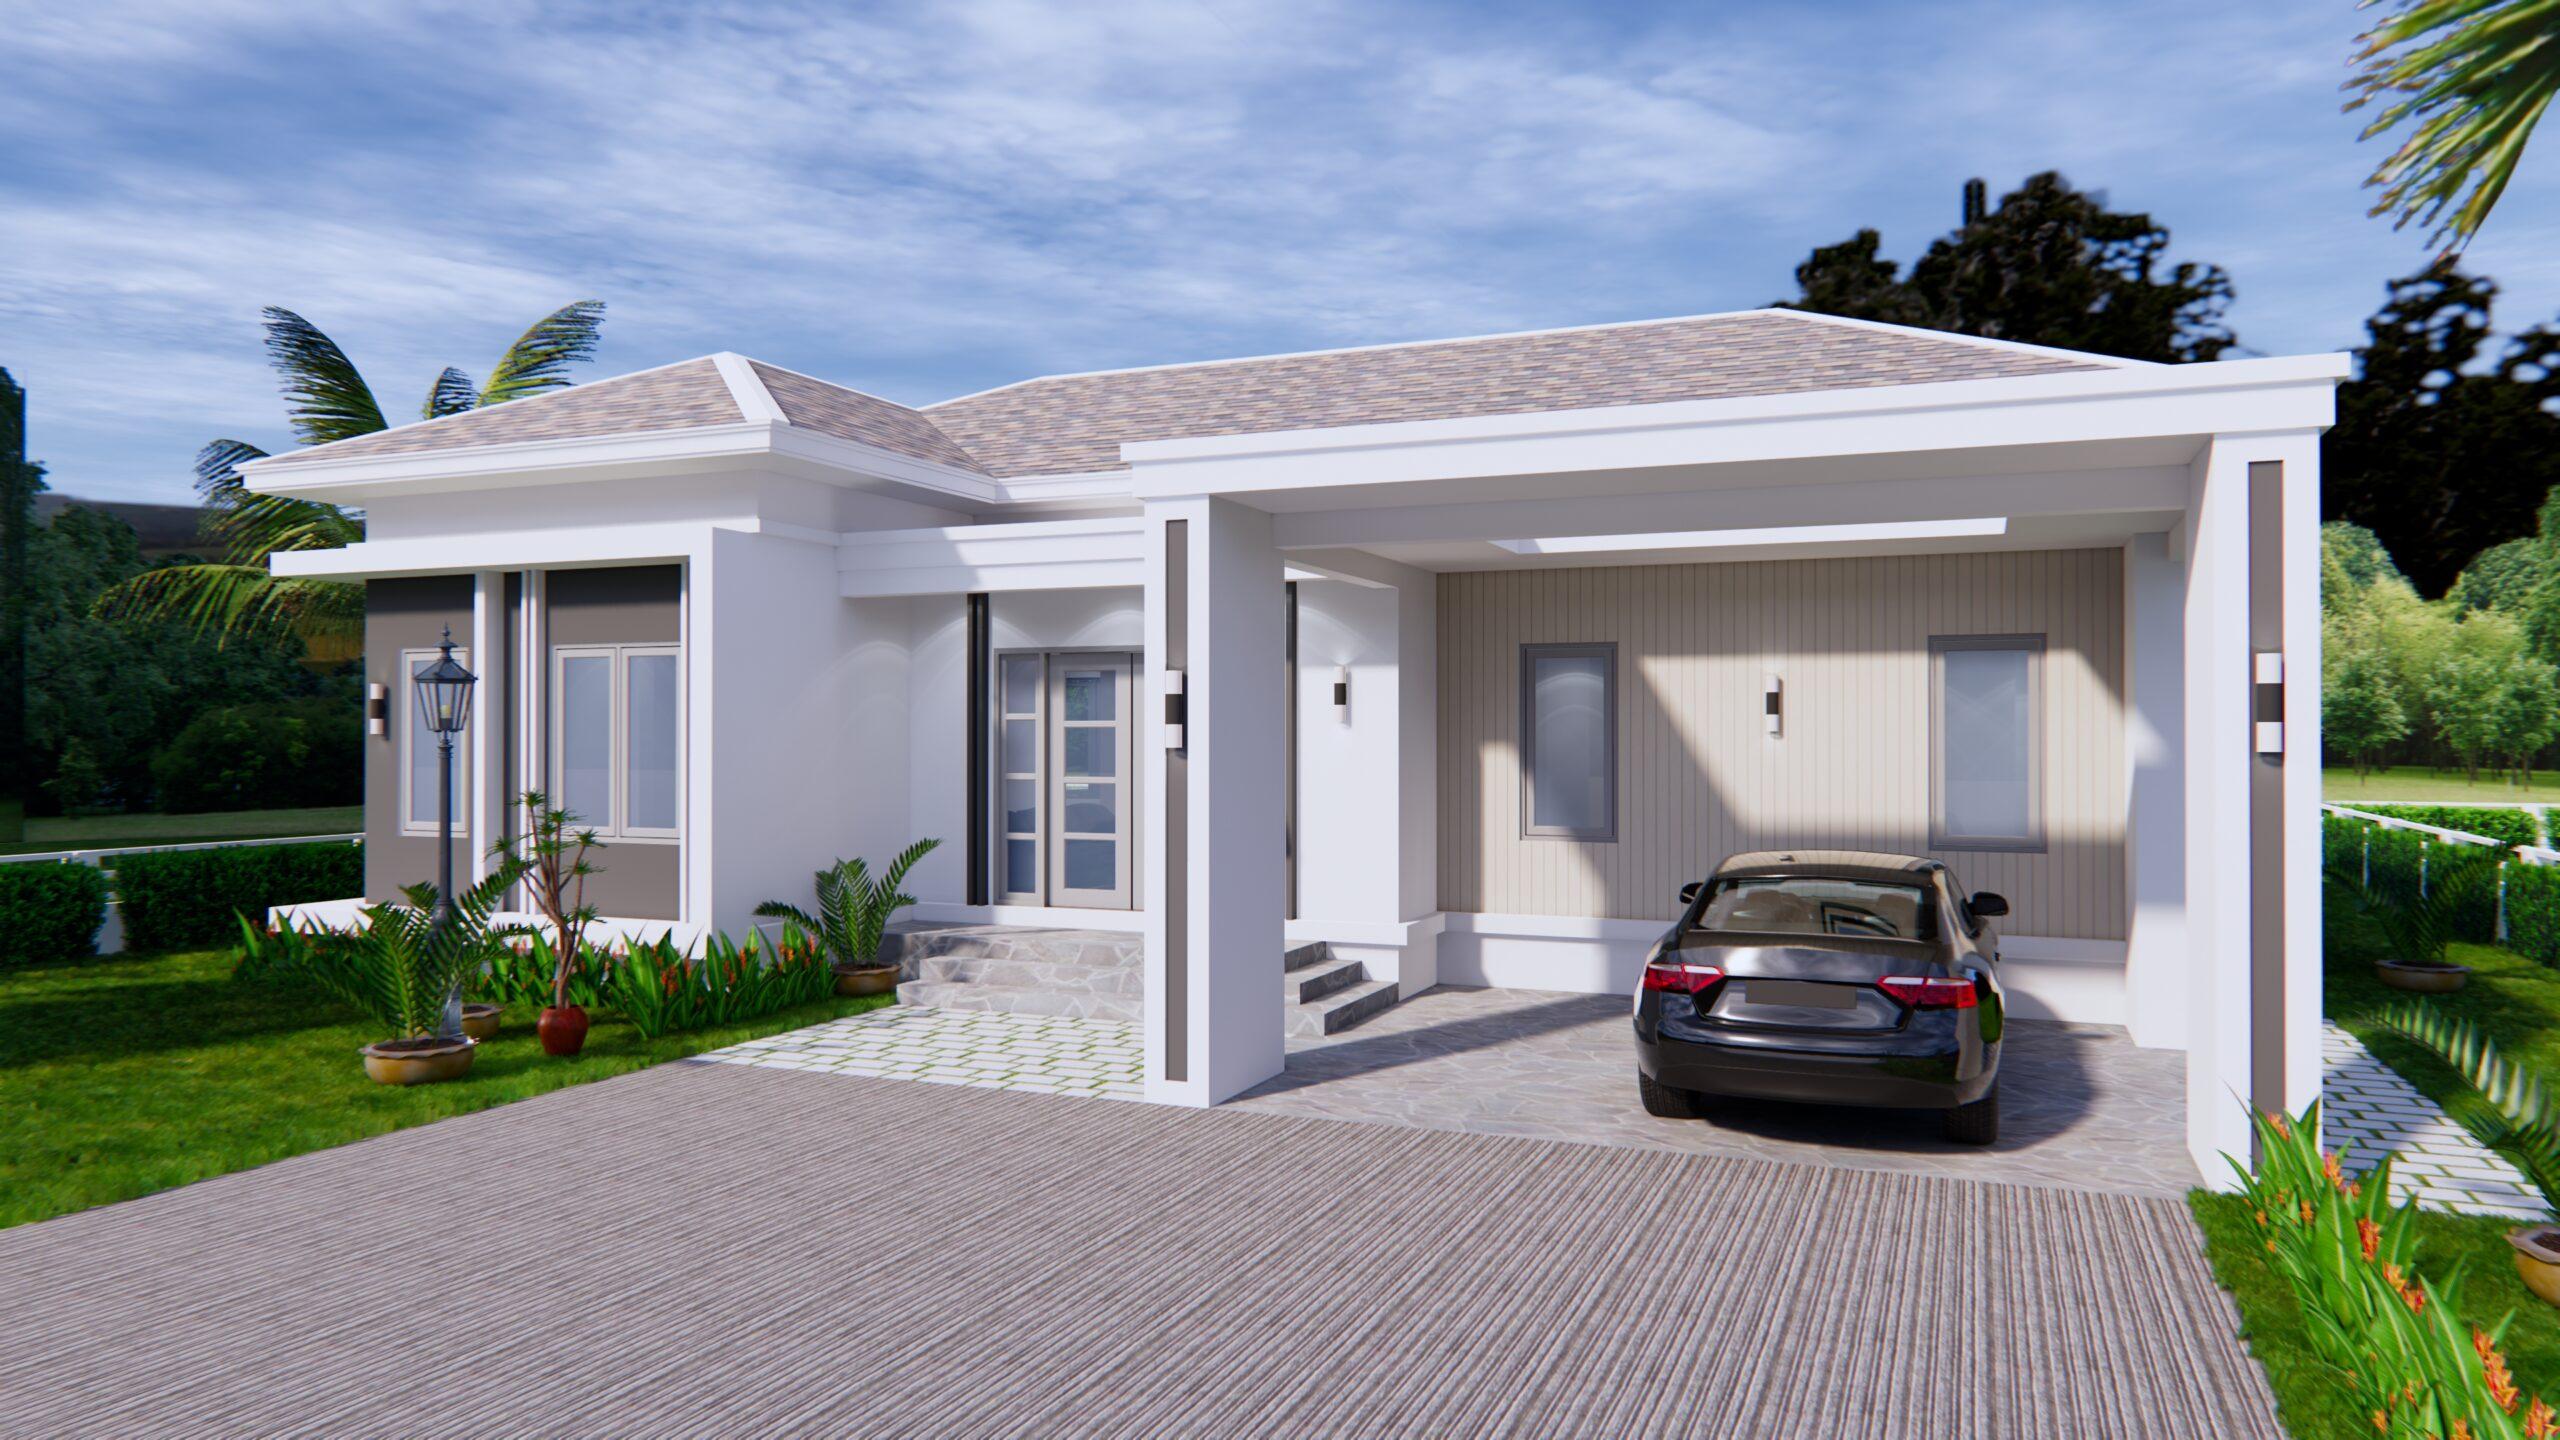 House Plans 14x11 Meter 46x36 Feet 3 Beds 2